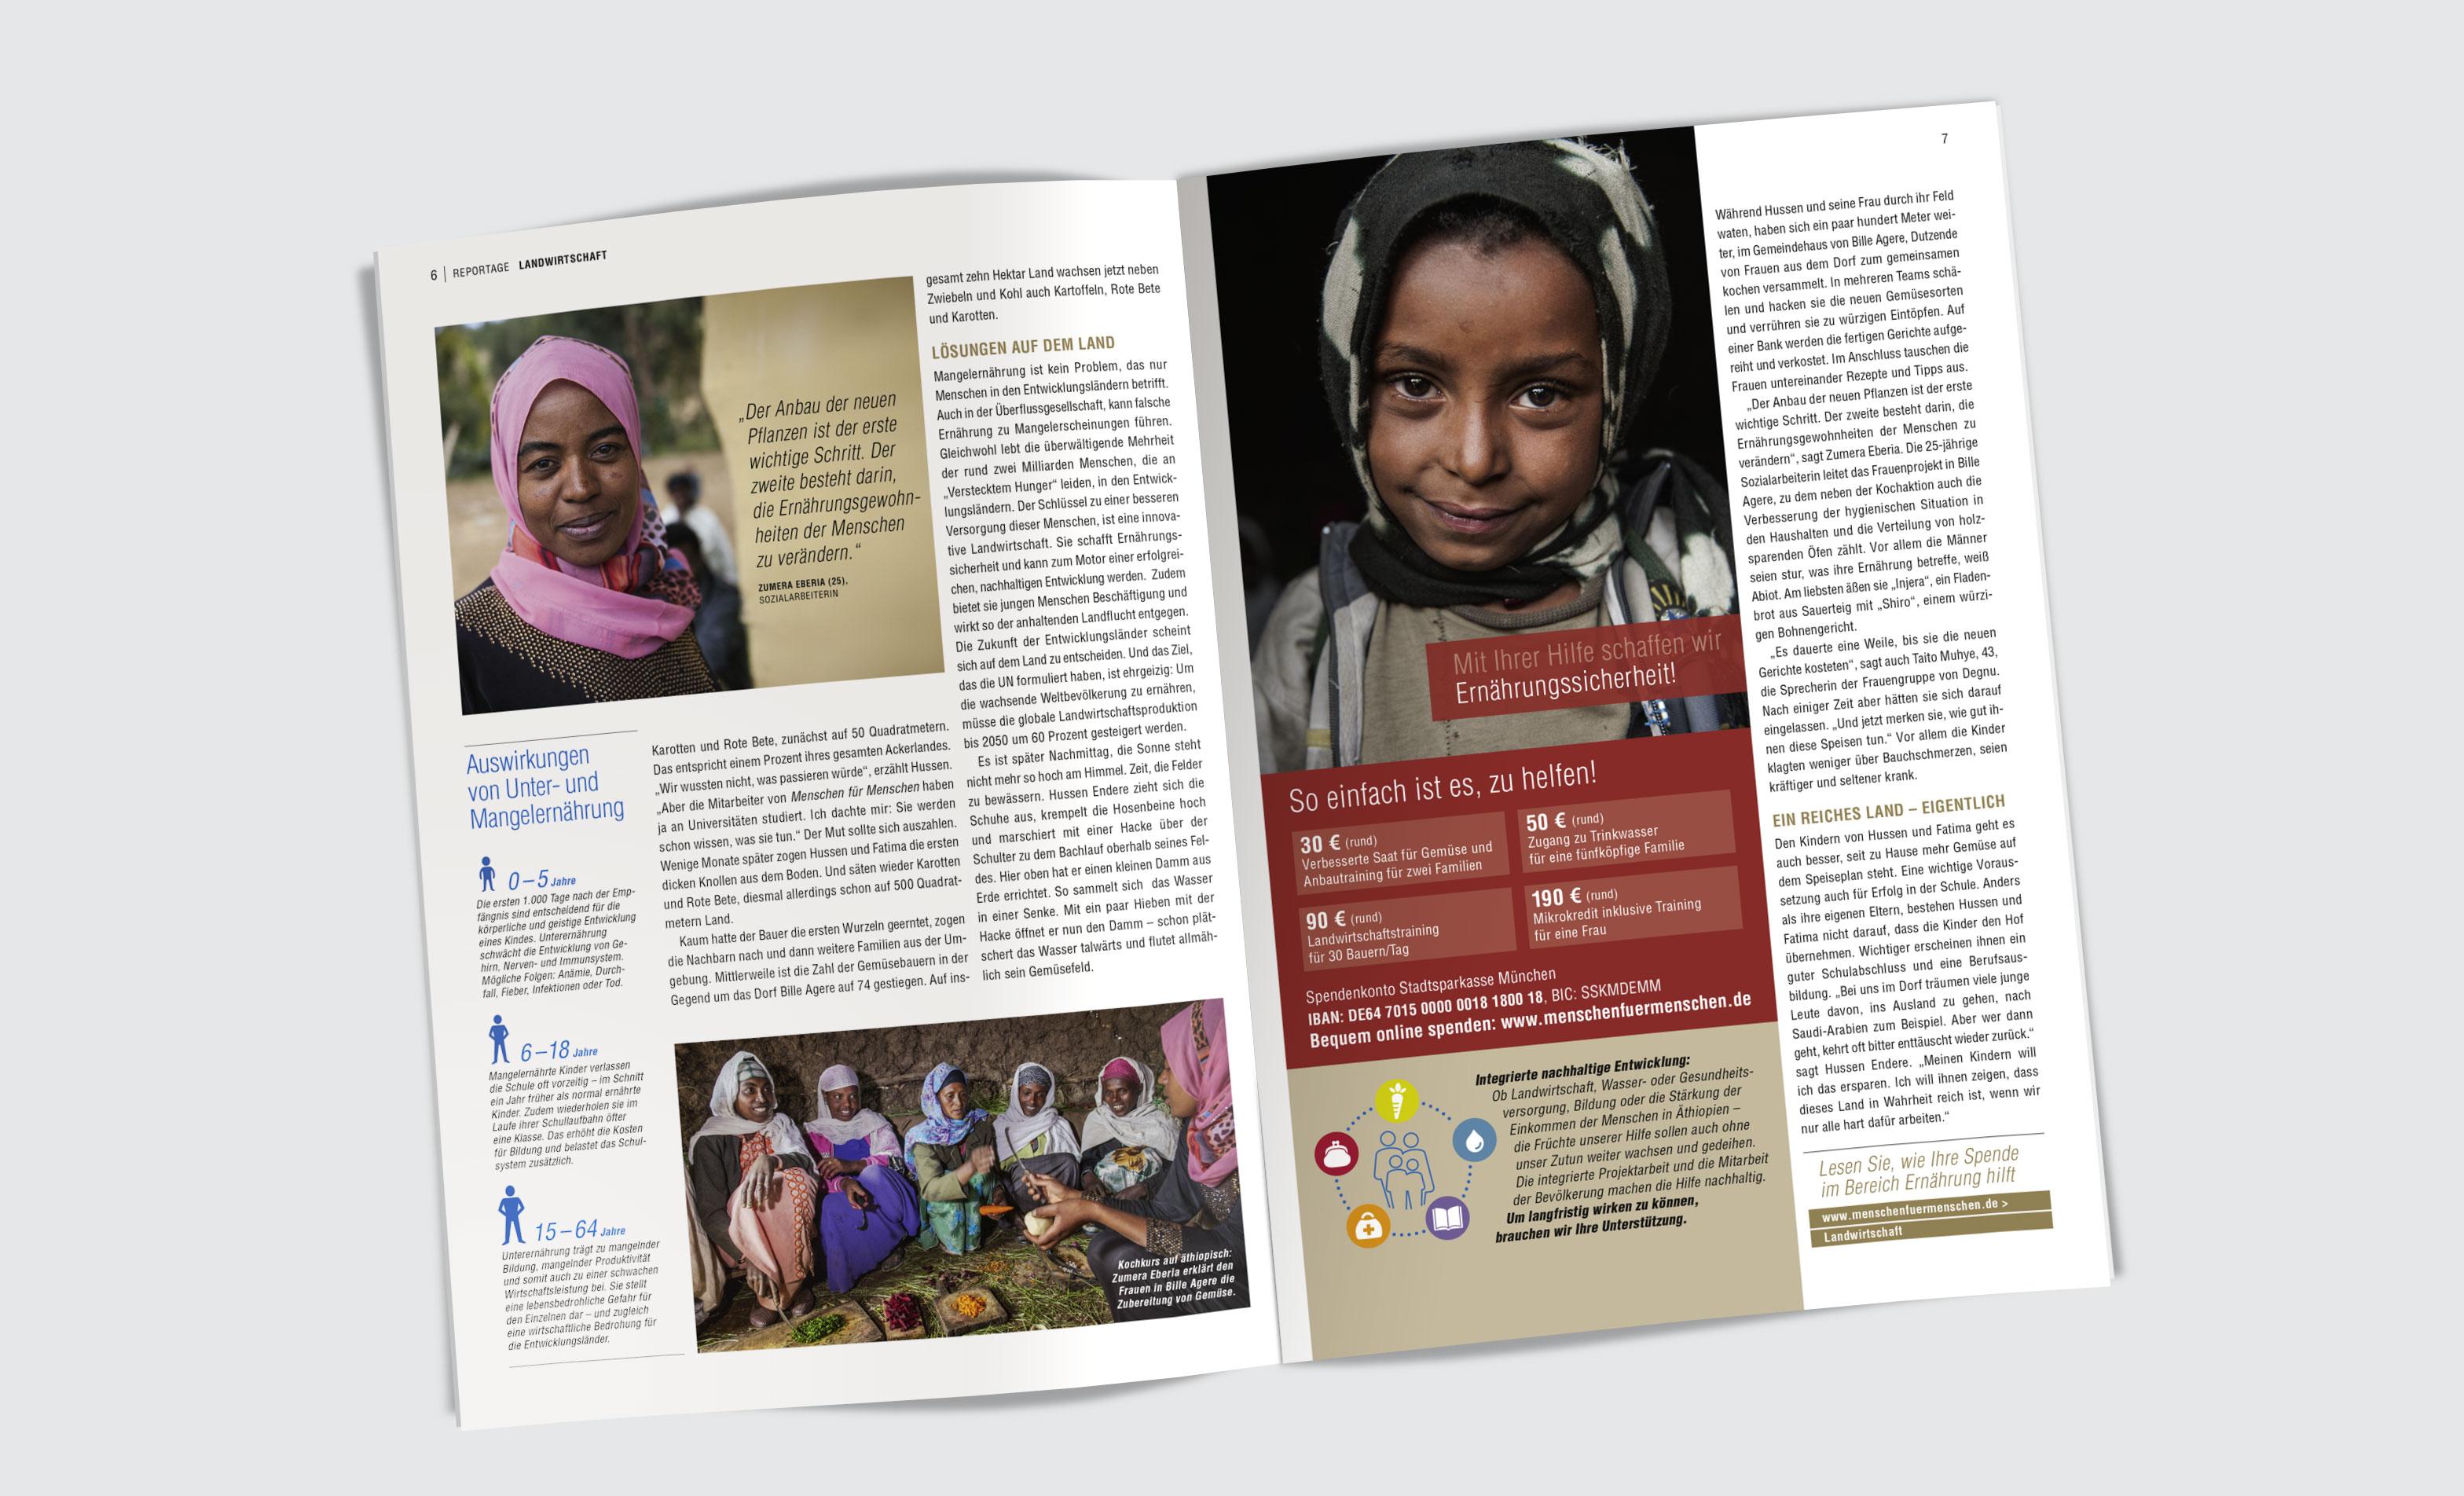 Nagaya Magazin Deutschland - Bohm und Nonnen & Bohm Nonnen Urhahn